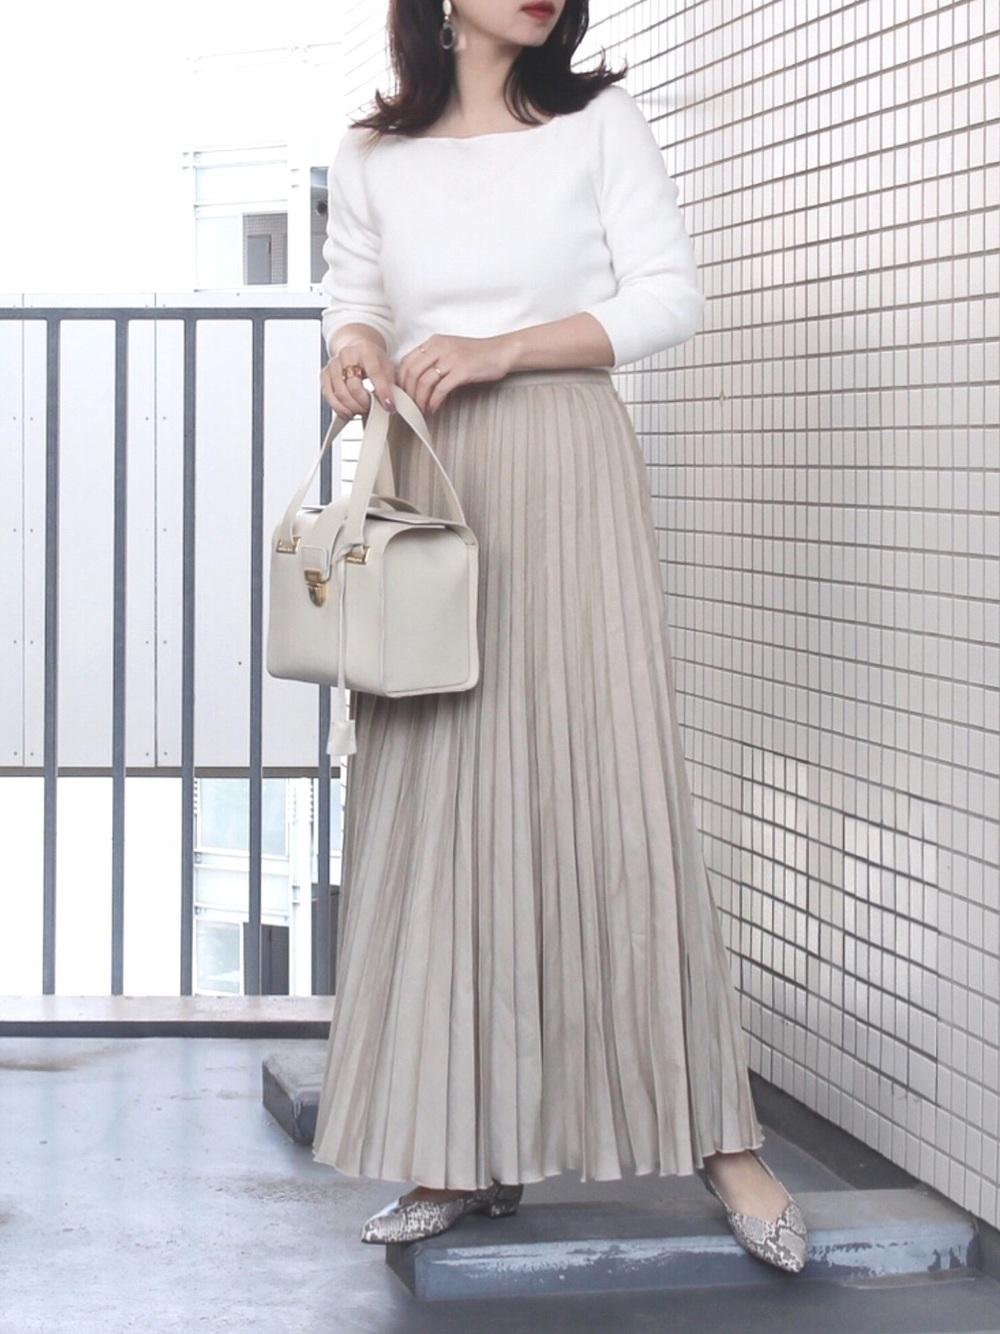 白カットソーにベージュ系のプリーツスカートとパイソンのサンダルを履いている女性の写真